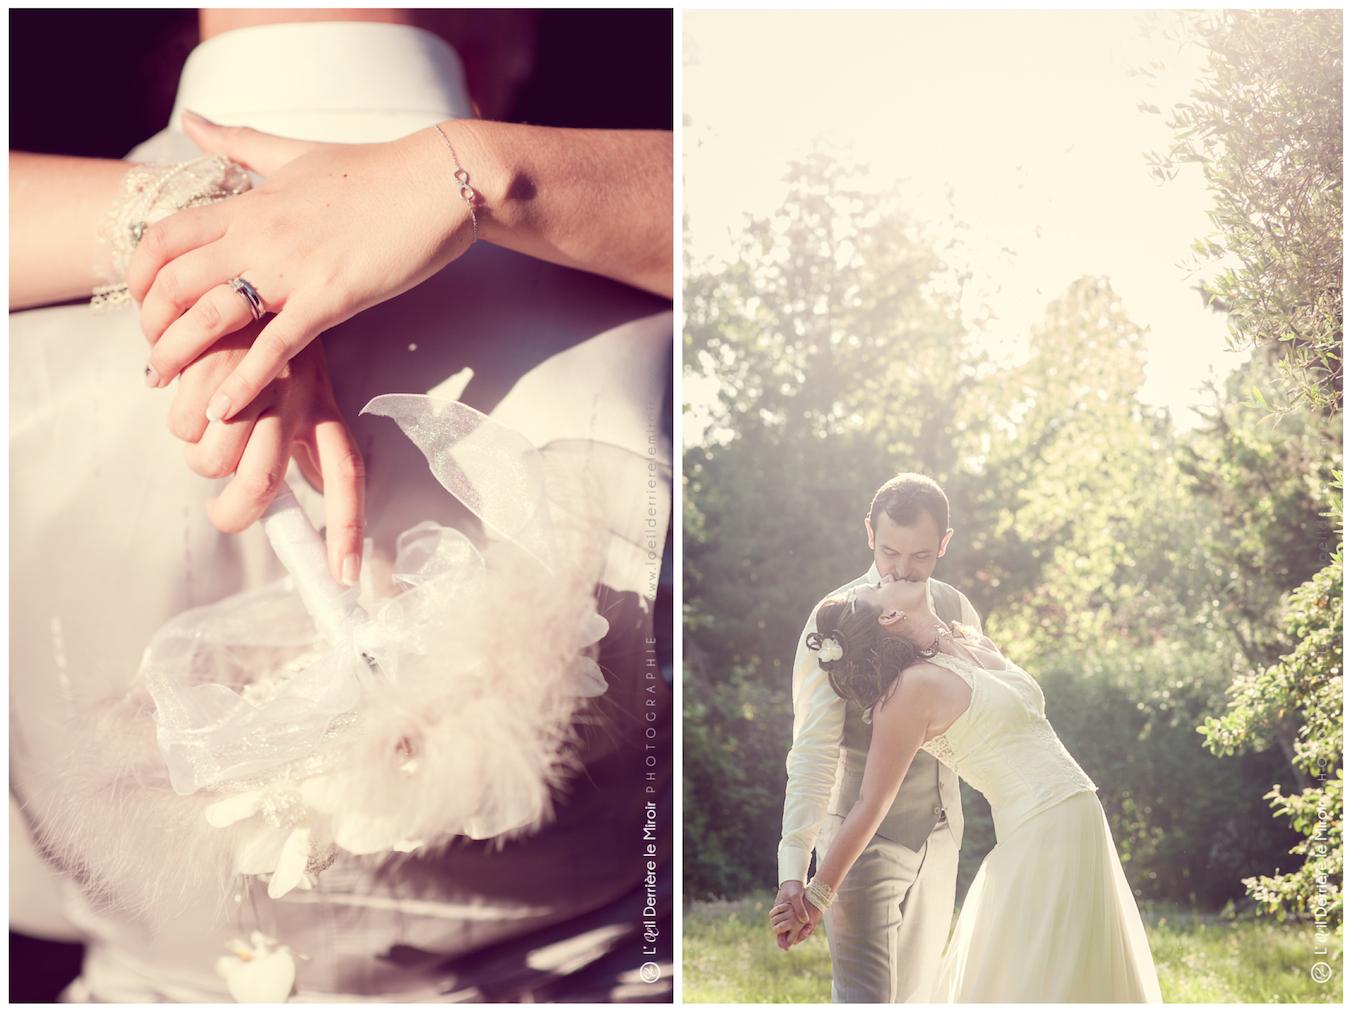 Mariage au Park Lenotre à mougins par L'OEil Derrière le Miroir Photographe de mariage professionnel